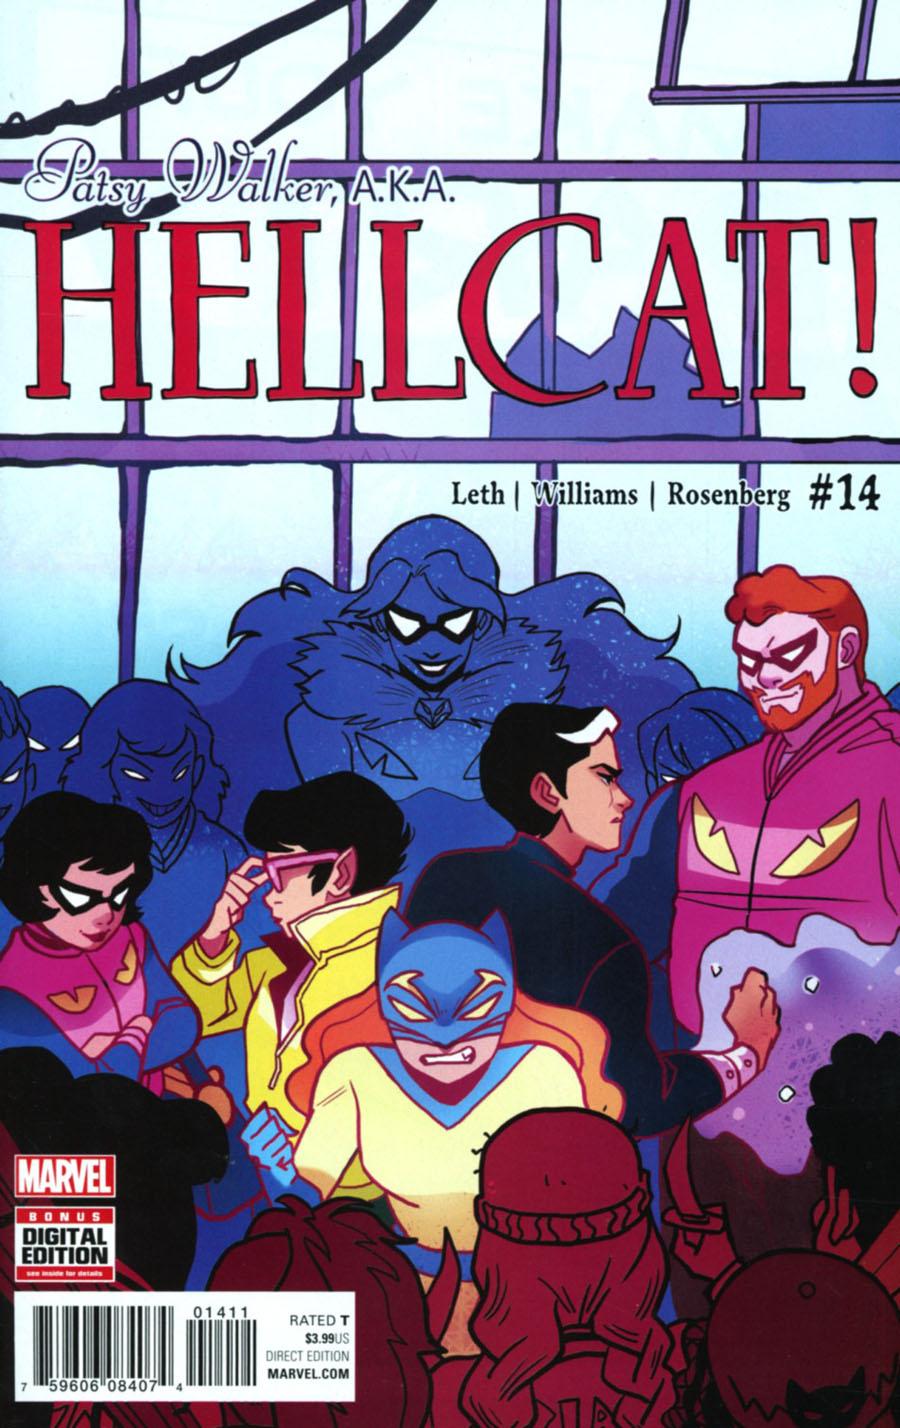 Patsy Walker AKA Hellcat #14